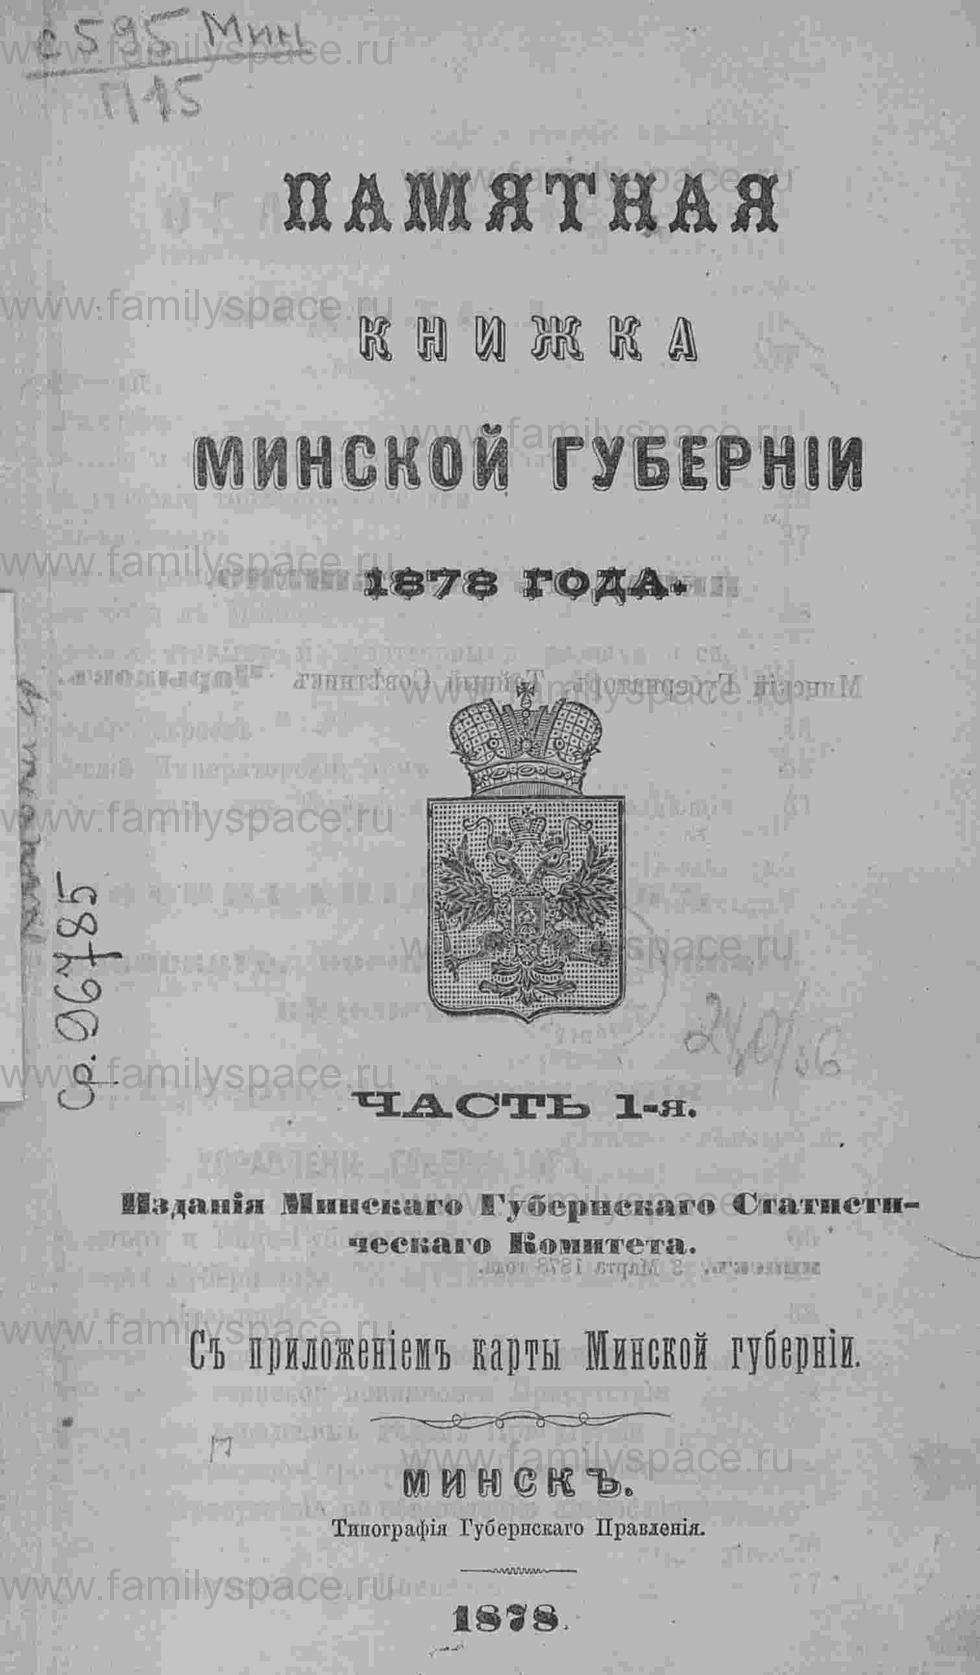 Поиск по фамилии - Памятная книжка Минской губернии на 1878 год, часть 1, страница 3